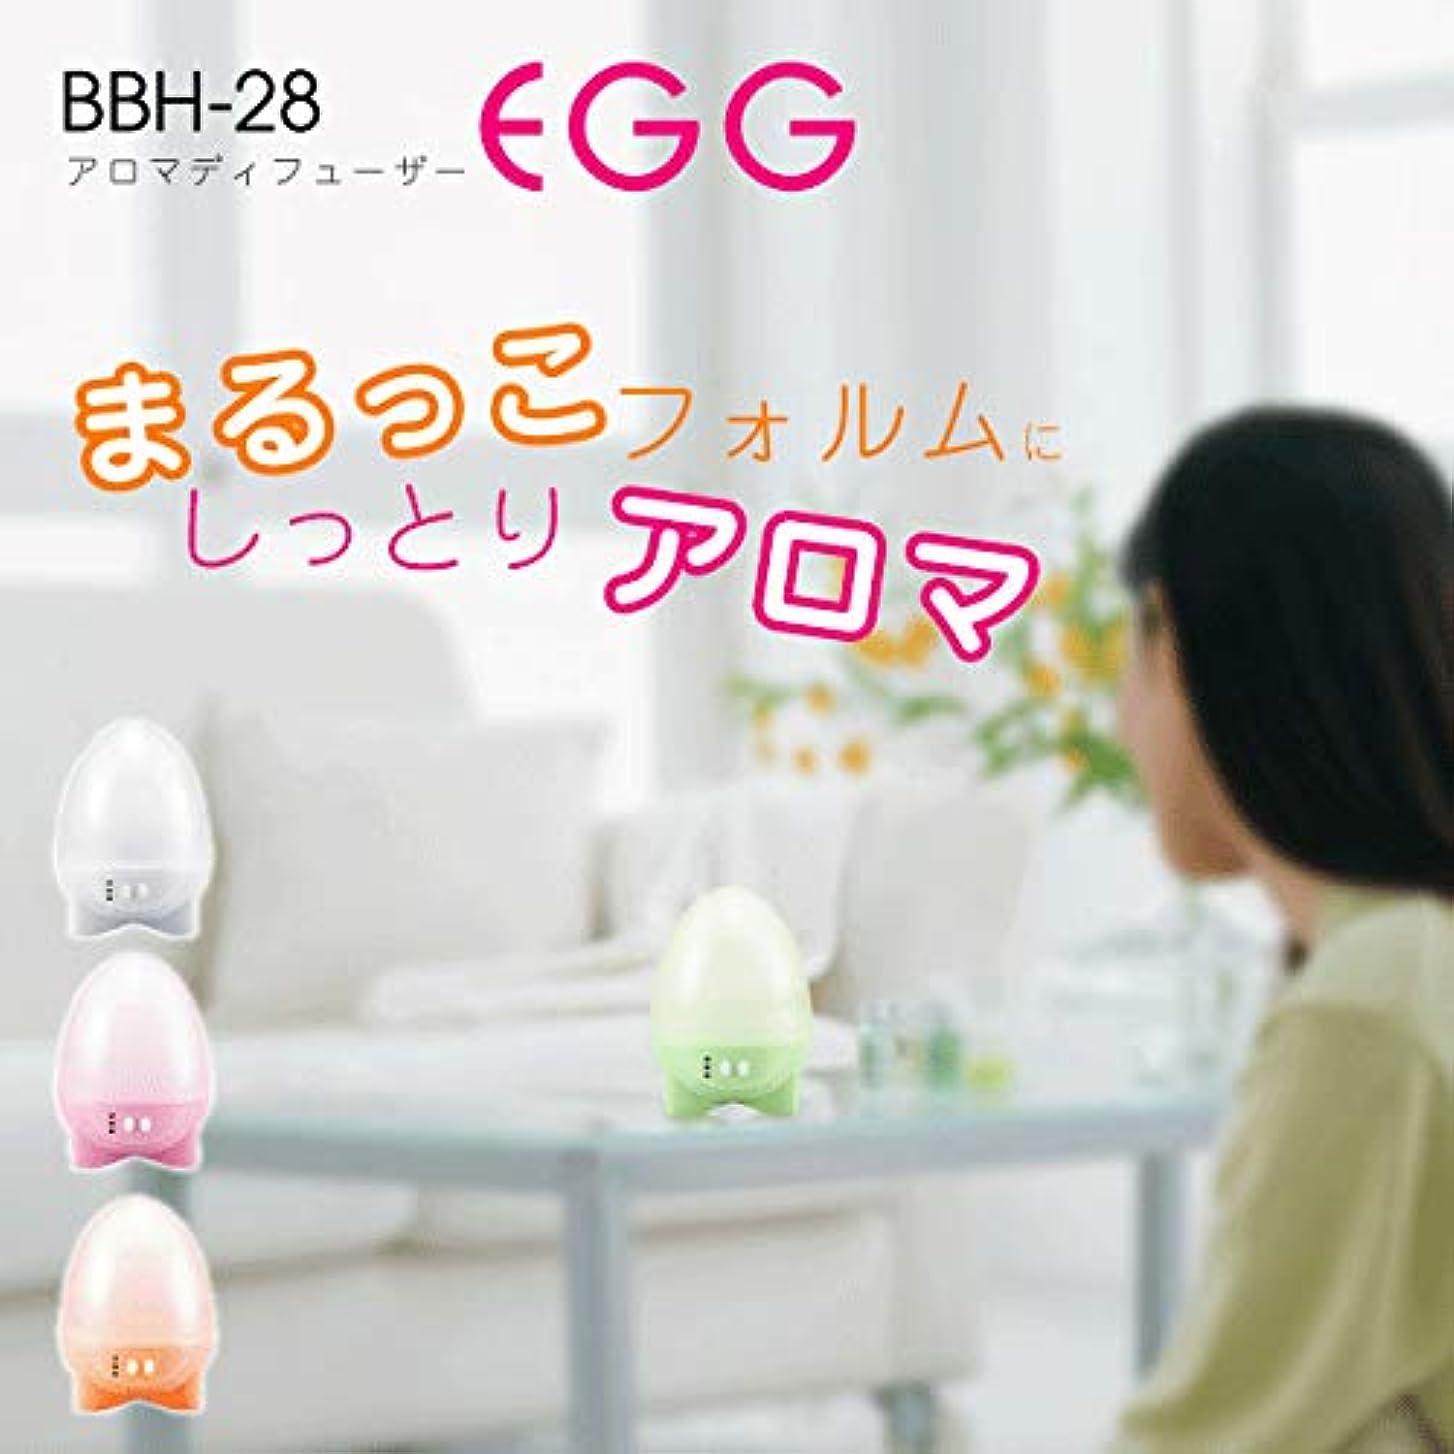 巻き戻す古風な隣接するPRISMATE(プリズメイト)アロマディフューザー Egg BBH-28 [在庫有]